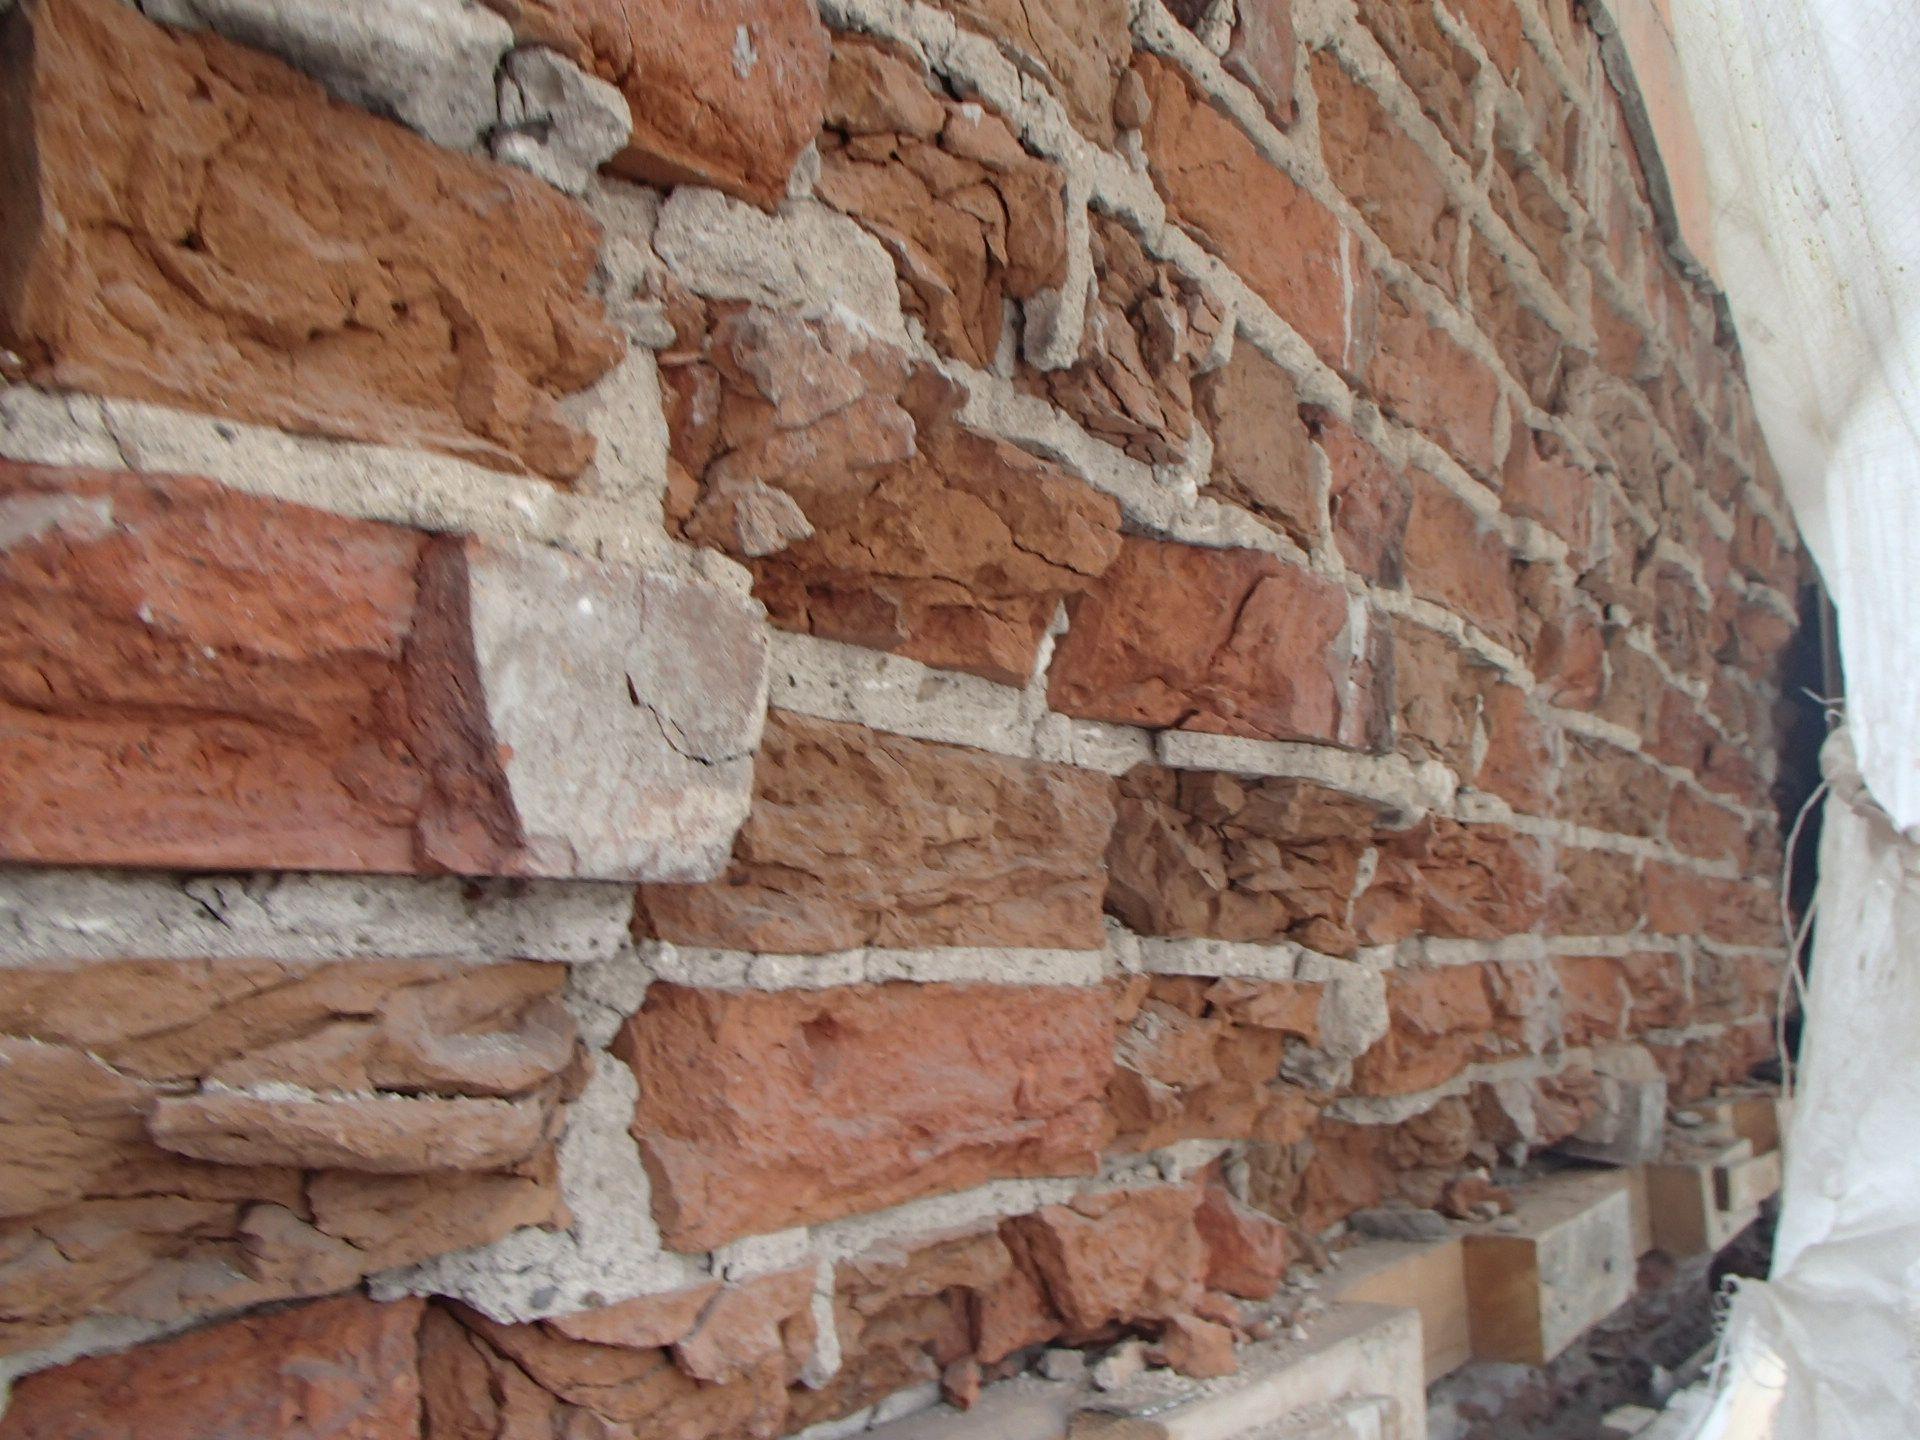 Experts En Bâtiment   Onesta Bâtiment Conseil. Mur Porteur En Brique ... Images